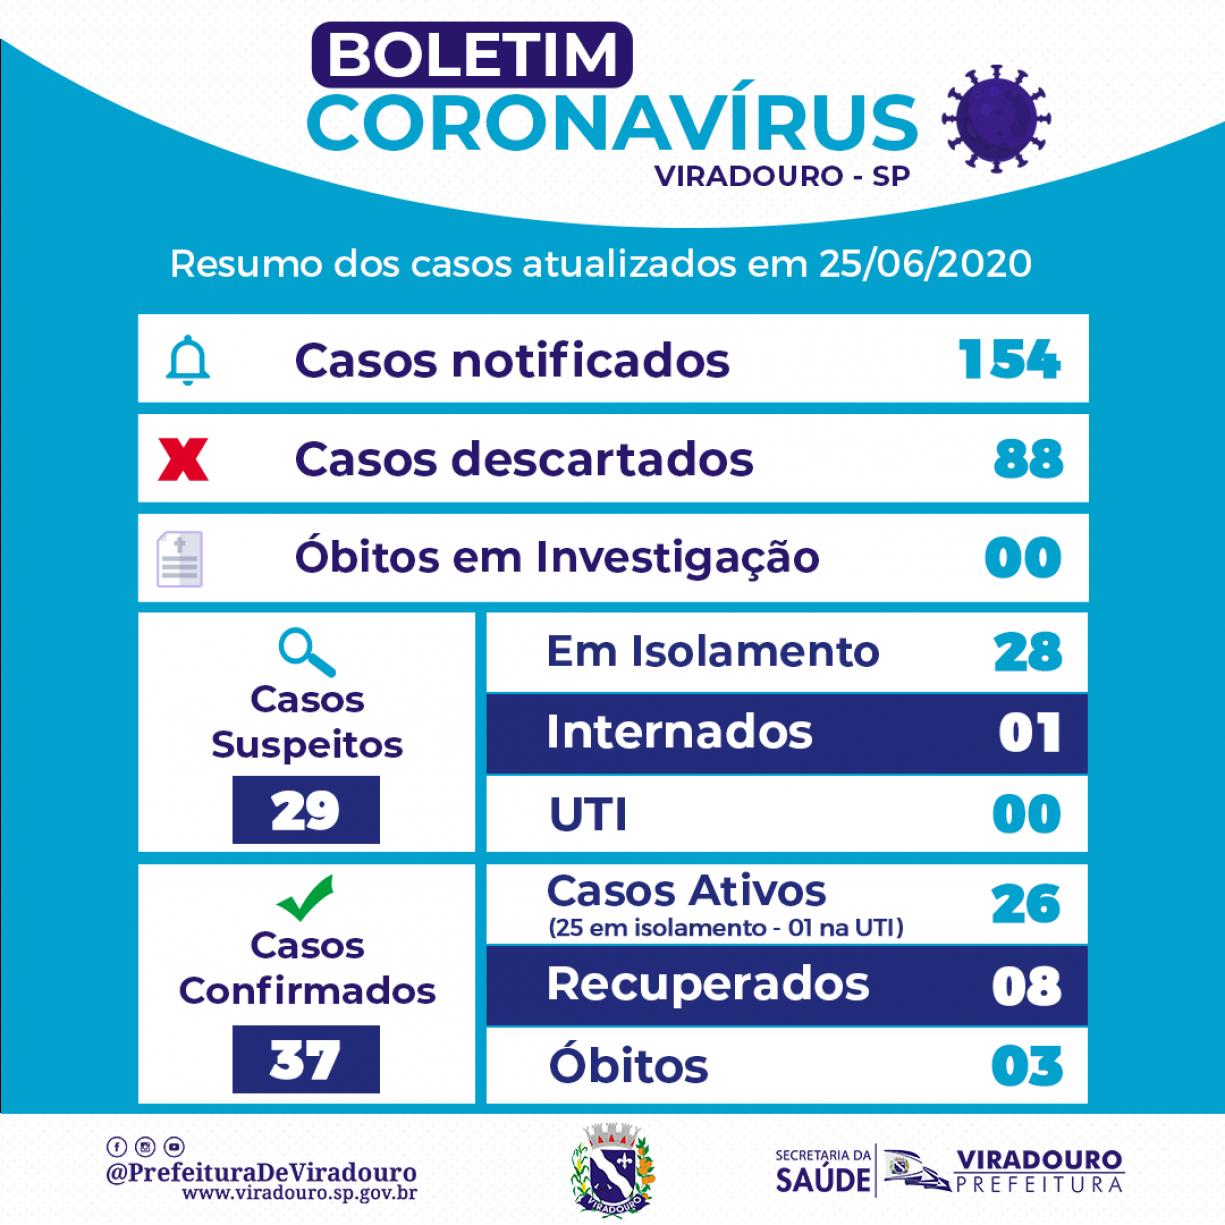 Boletim Epidemiológico Viradouro (Atualização 25/06/2020)